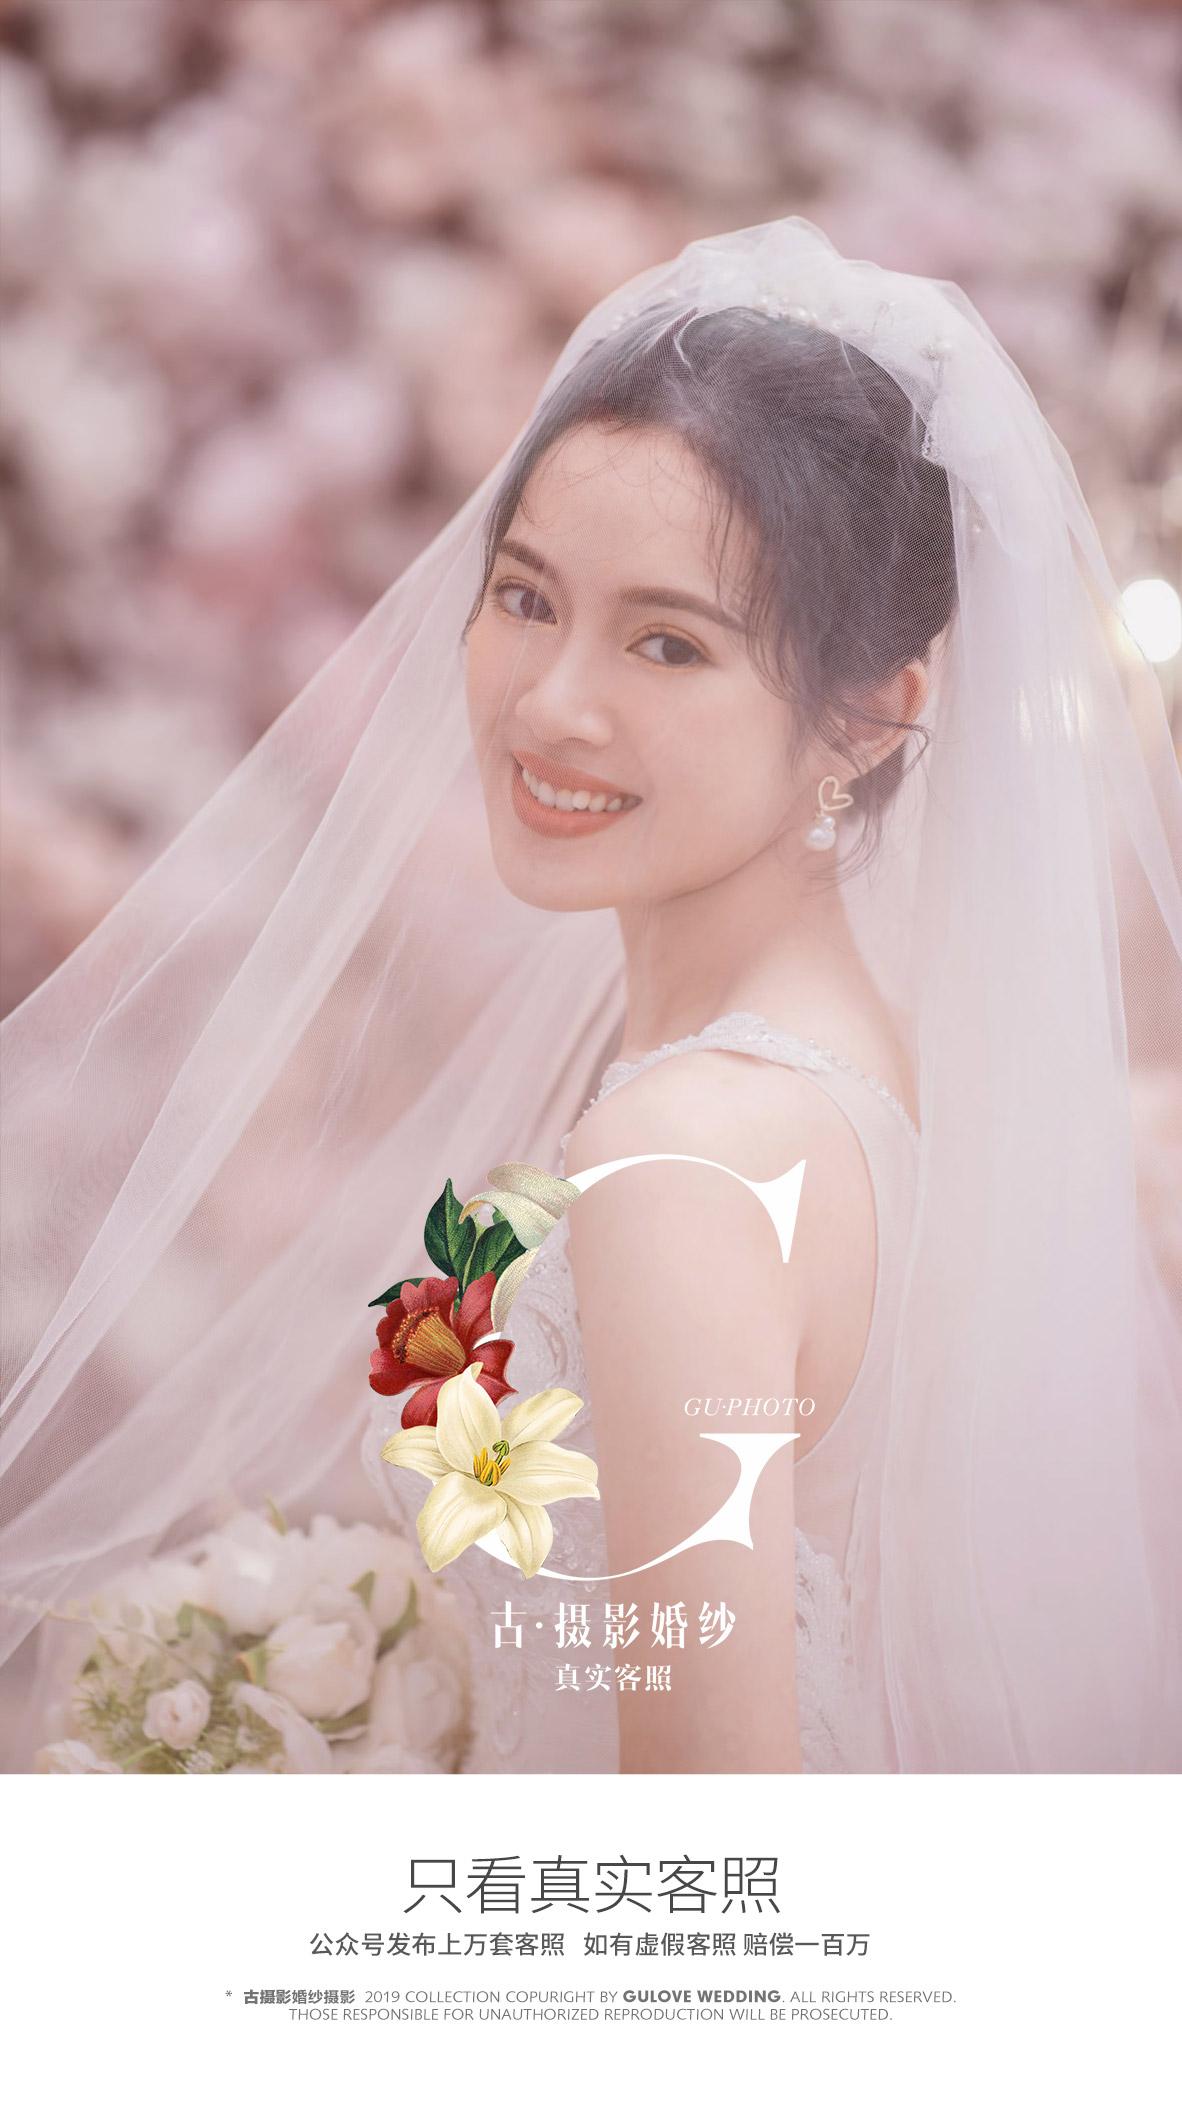 6月客照第二季 - 月度客照 - 古摄影婚纱艺术-古摄影成都婚纱摄影艺术摄影网